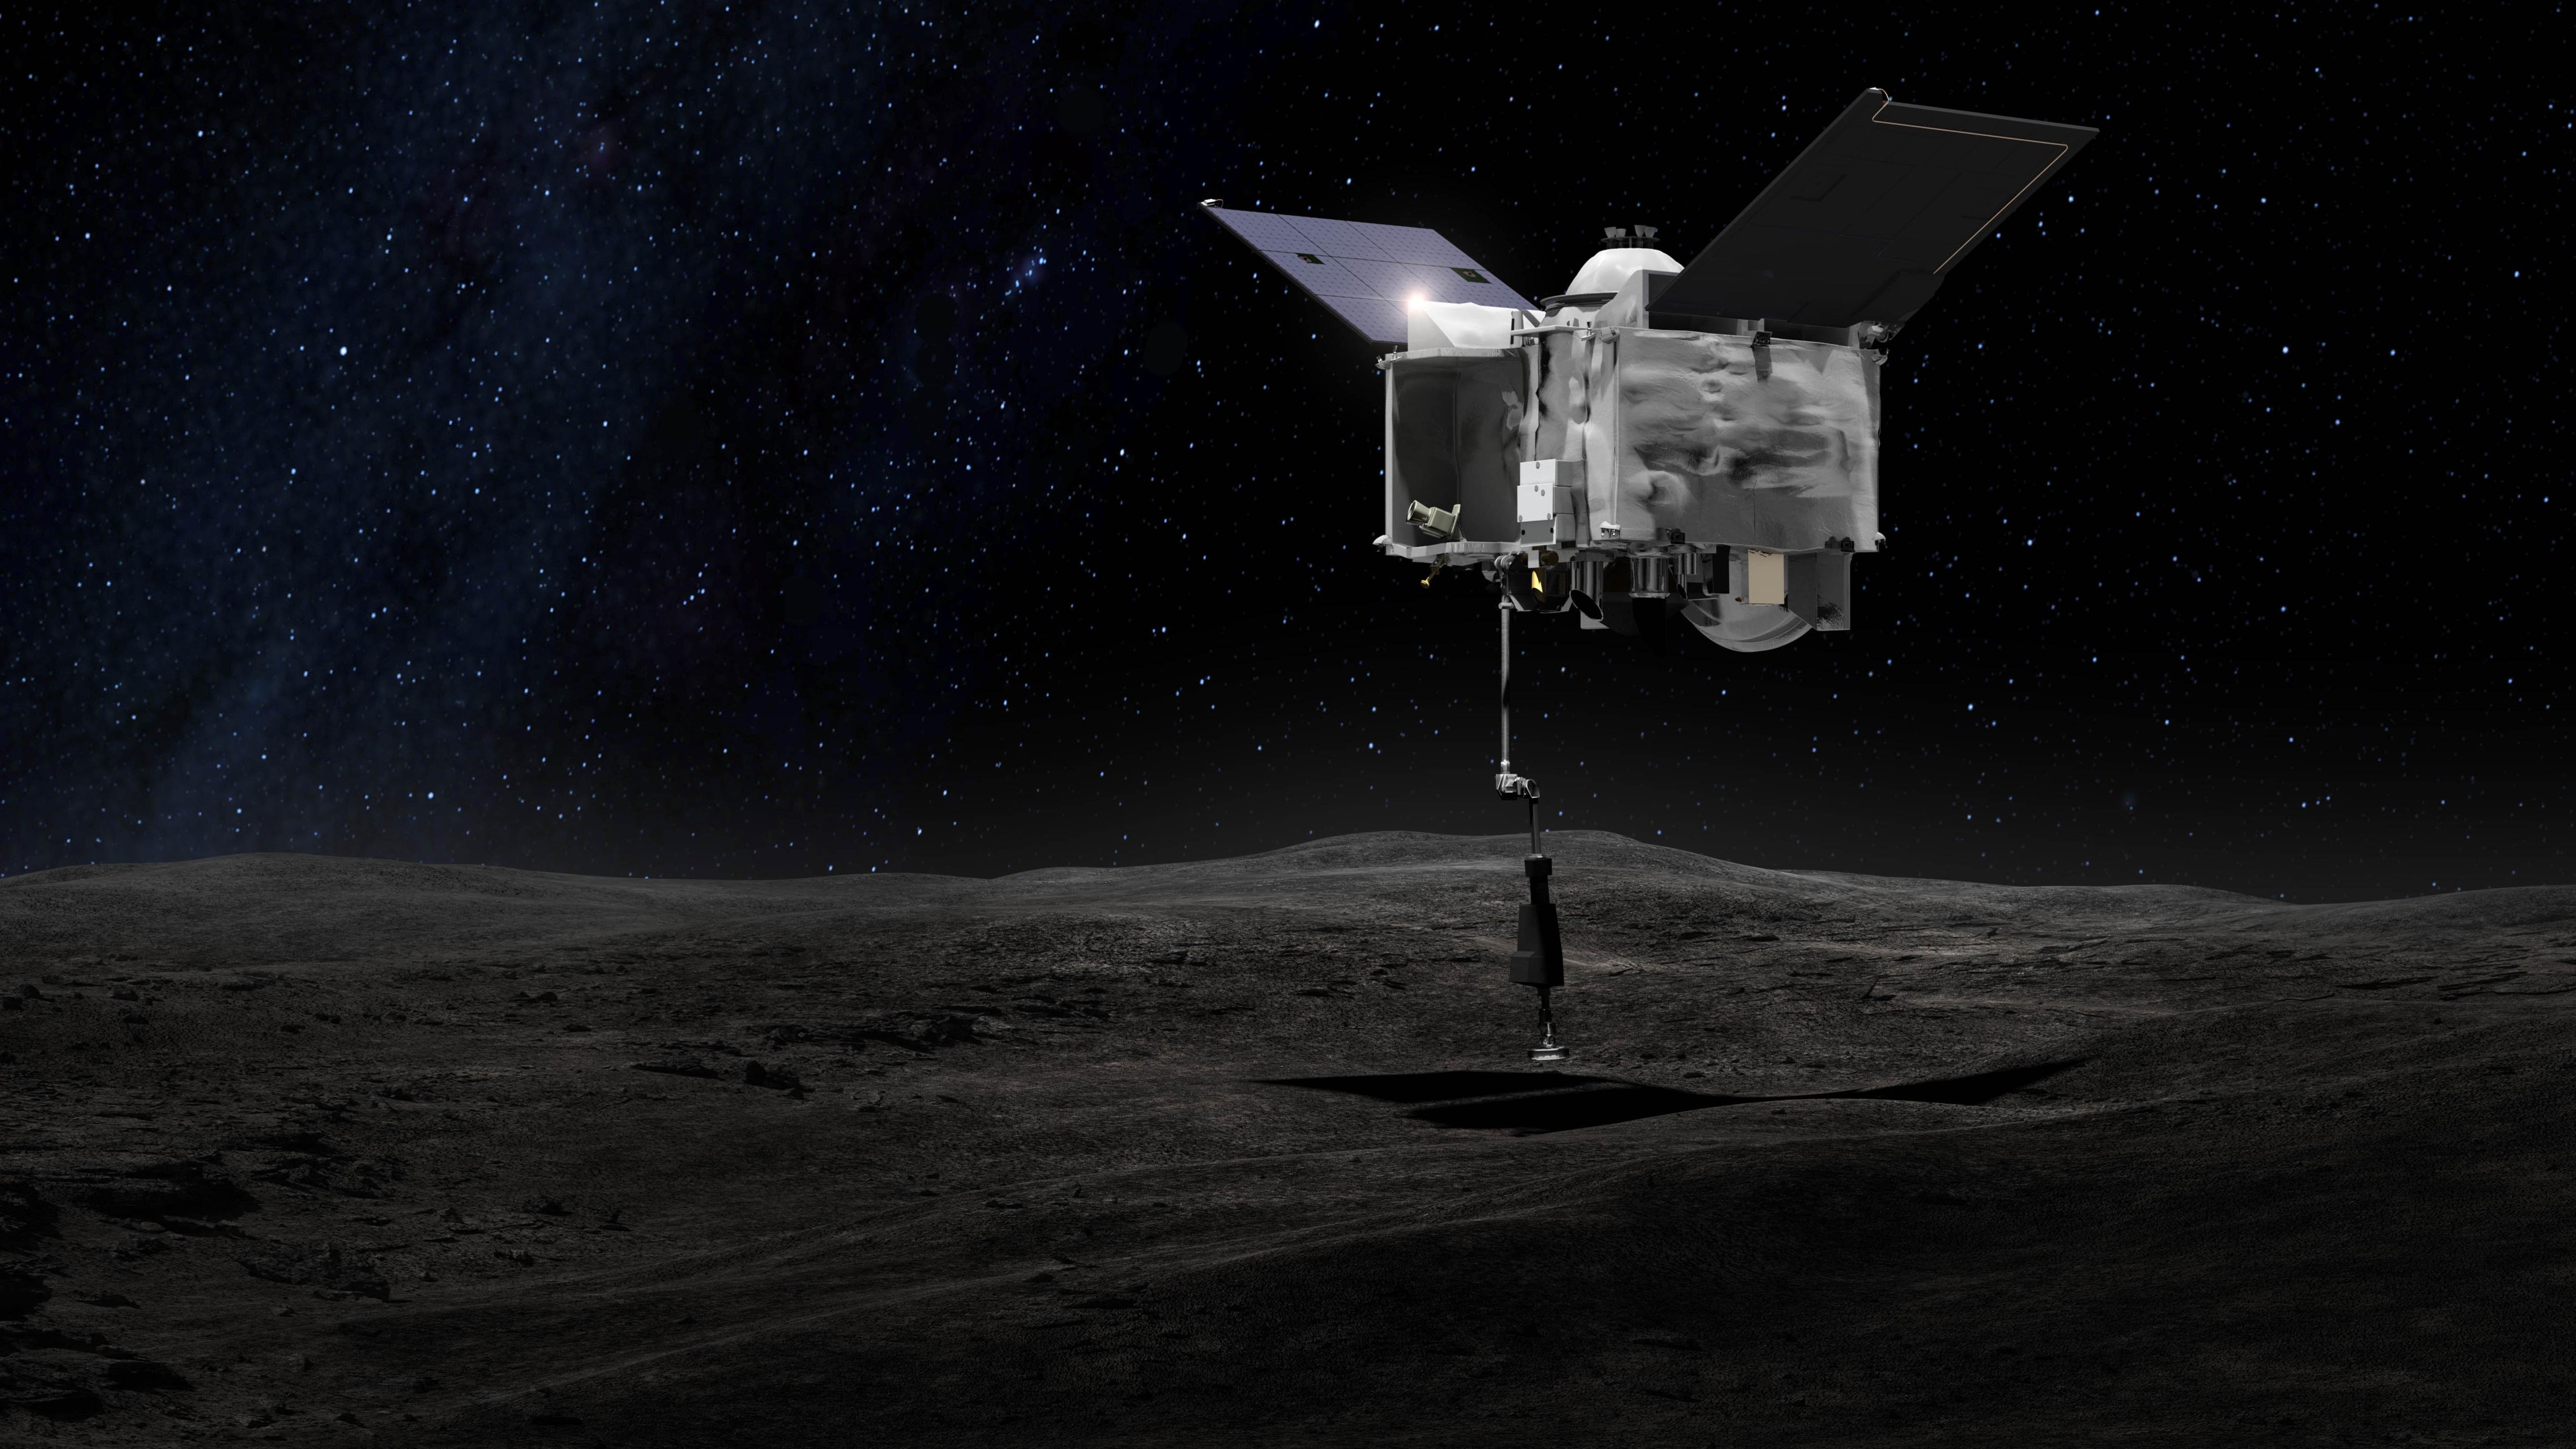 Eine undatierte grafische Darstellung zeigt die Nasa-Sonde Osiris-Rex, die über dem Asteroiden Bennu mit ihrem Touch-And-Go Sample Arm Mechanism (TAGSAM), einer Art Roboter-Arm, eine Probe von dem Asteroiden nimmt.